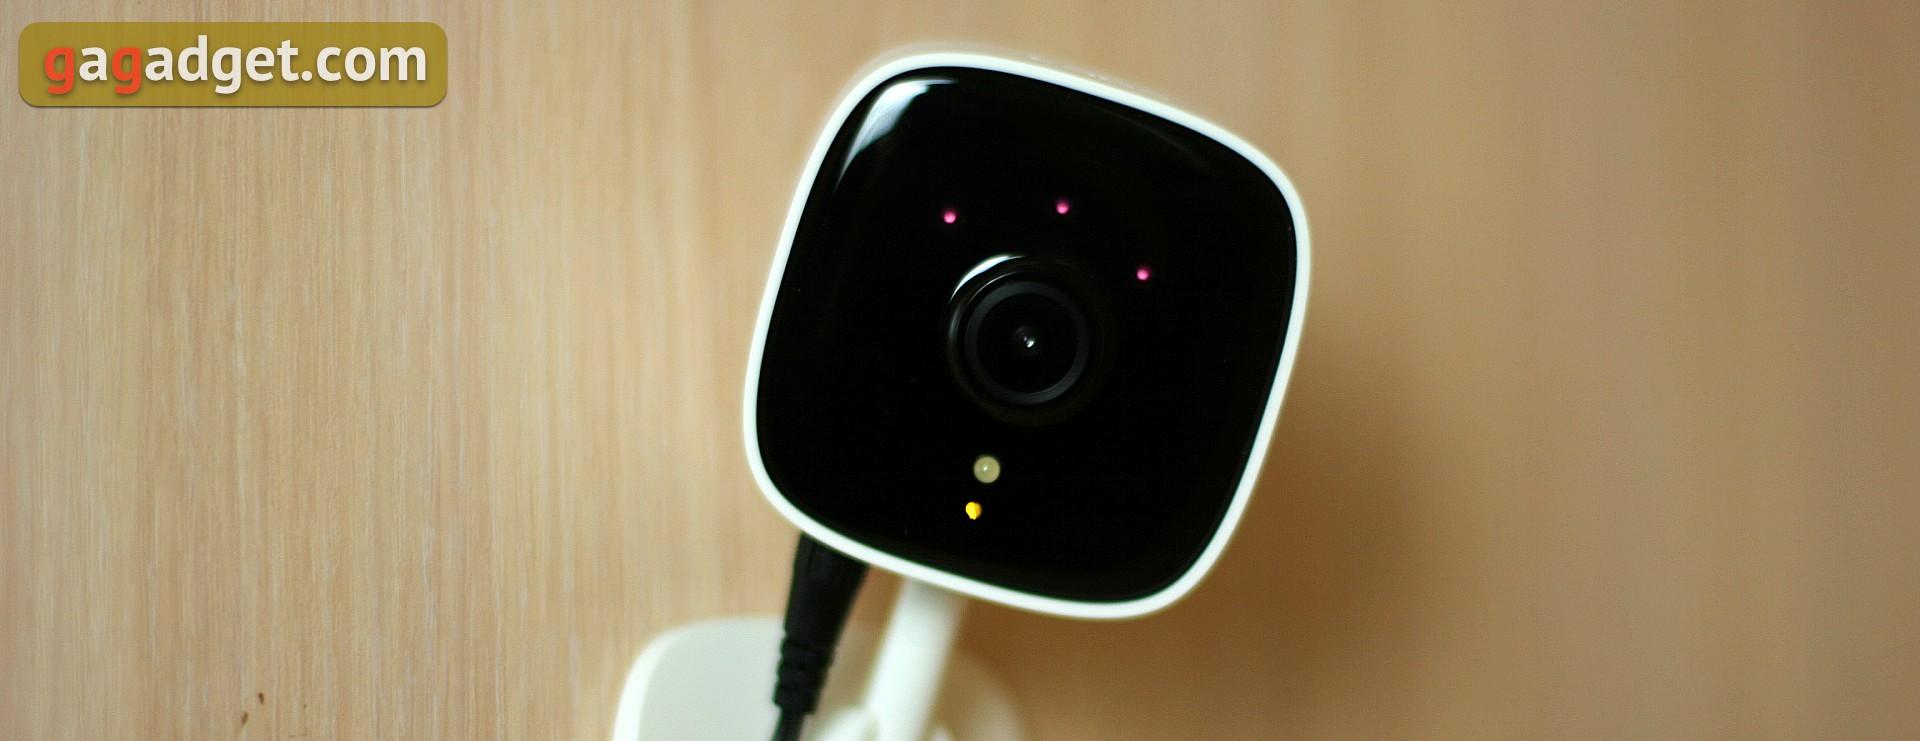 Обзор TP-Link Tapo C100: Wi-Fi-камера для видеонаблюдения за домом-18